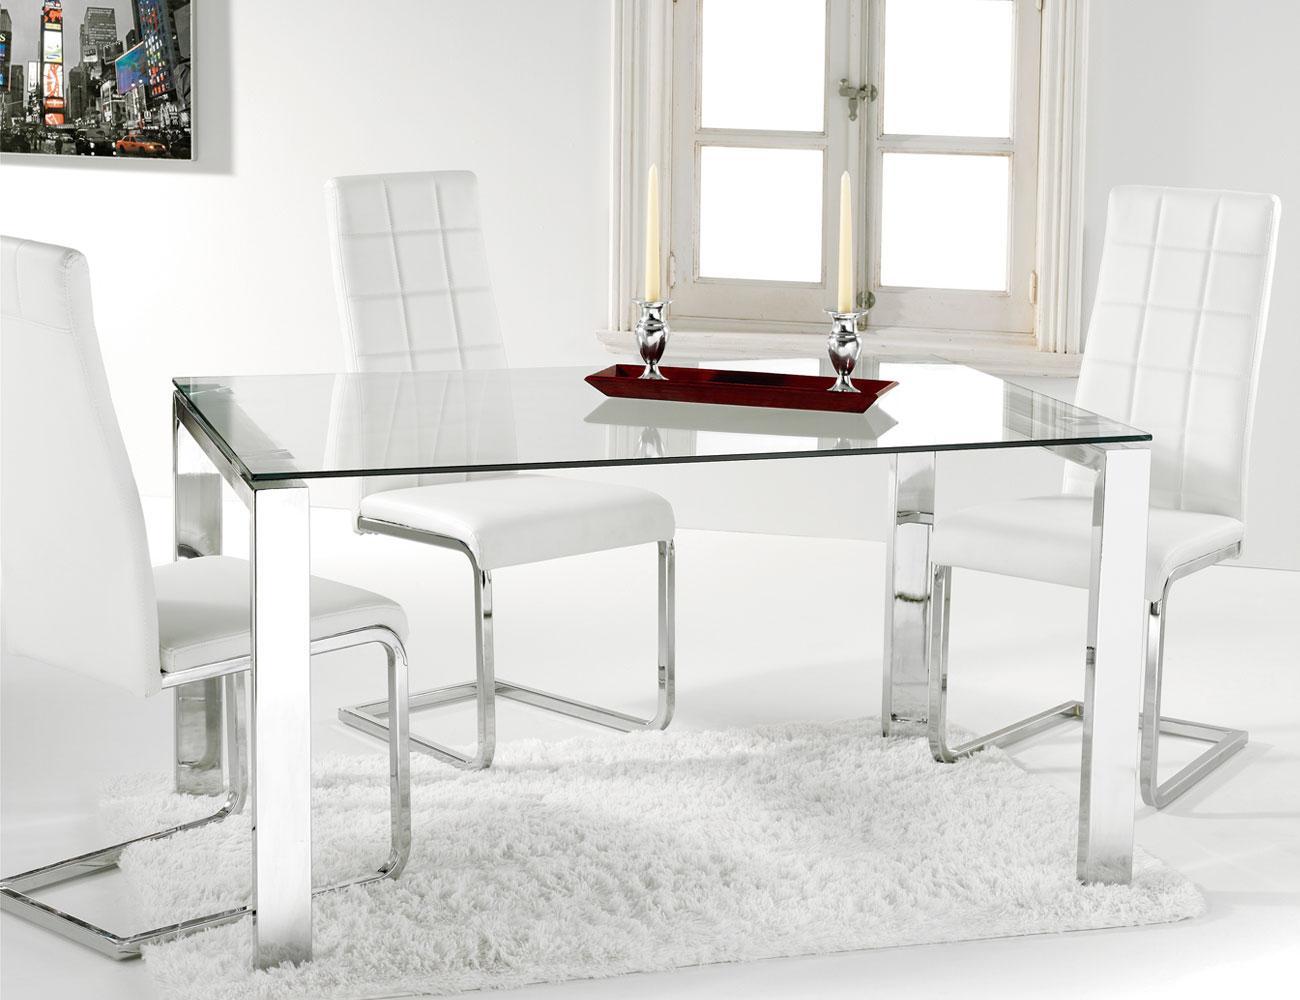 Mesa comedor cristal templado con patas cromadas factory for Cristal mesa